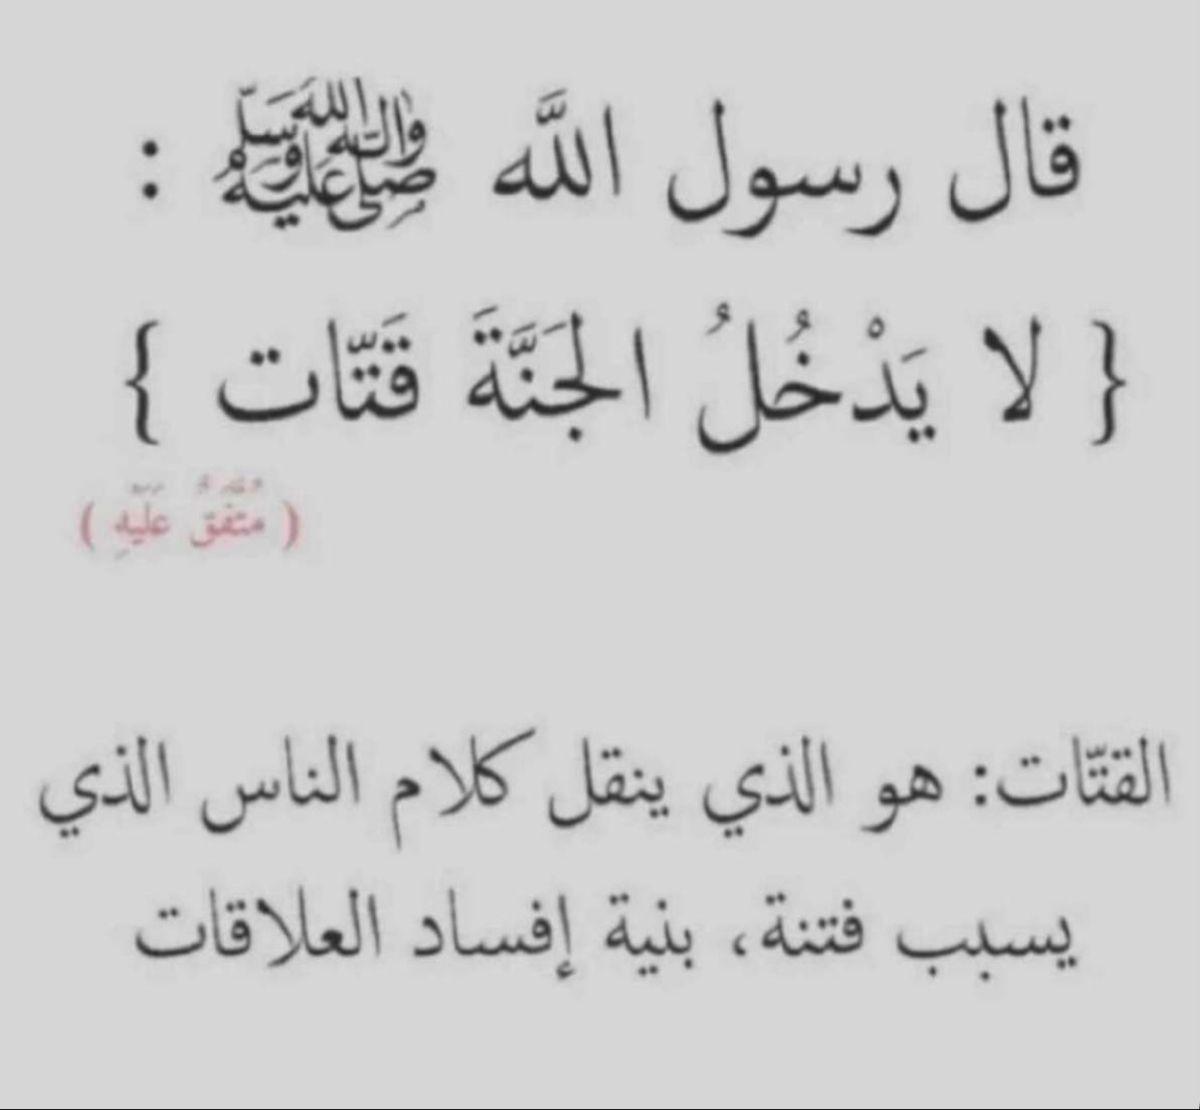 Pin By Re0o0ry ه م س ات ع اب ر ة On اسلاميات Islamic In 2021 Calligraphy Arabic Arabic Calligraphy